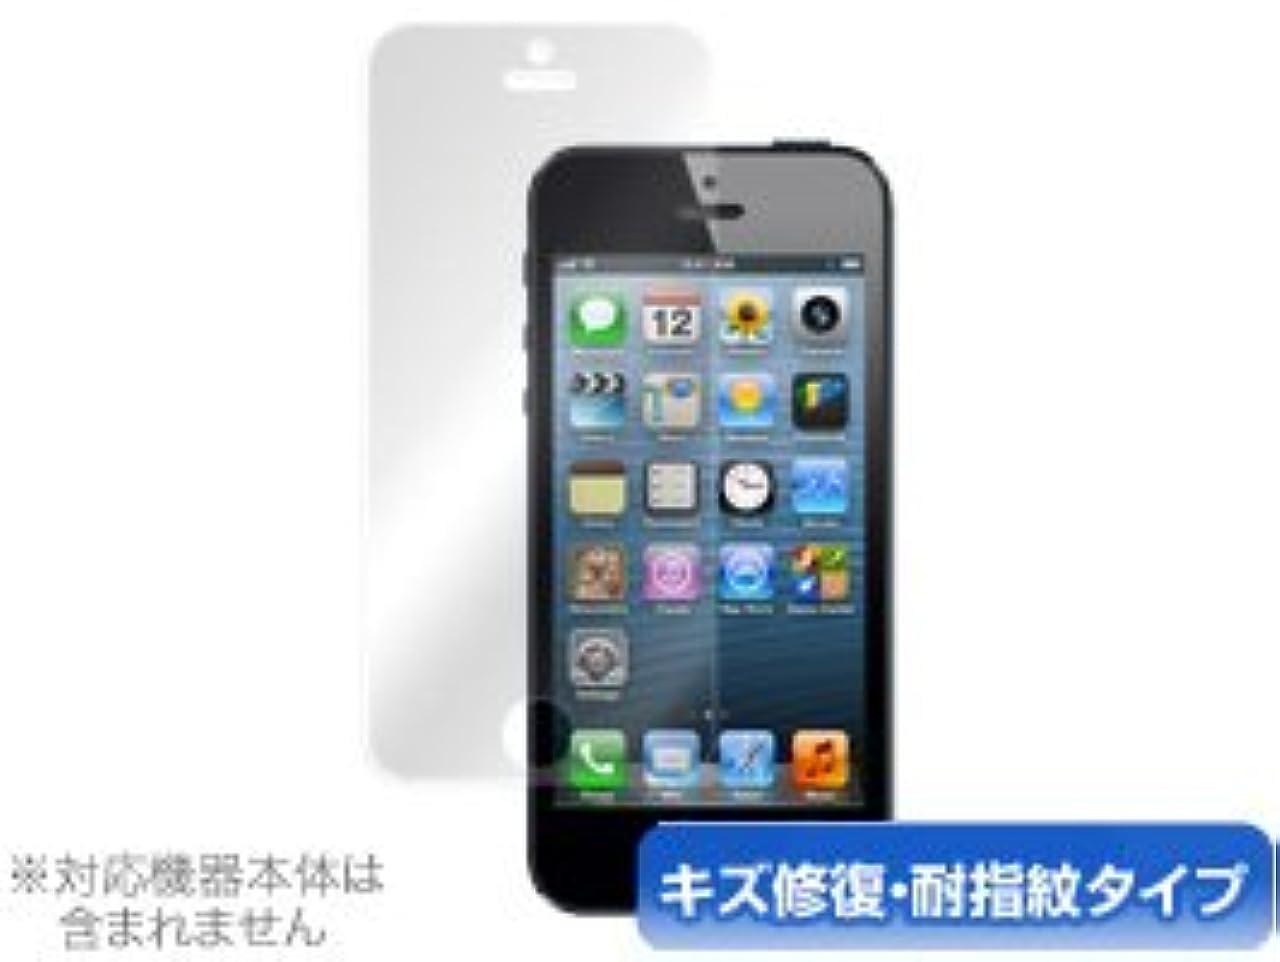 対処する未払い設計OverLay Magic for iPhone SE / 5s / 5c / 5 表面用 液晶 保護 シート 傷修復 耐指紋 防指紋 指紋がつきにくい キズ修復 フィルム プロテクター OMIPHONE5